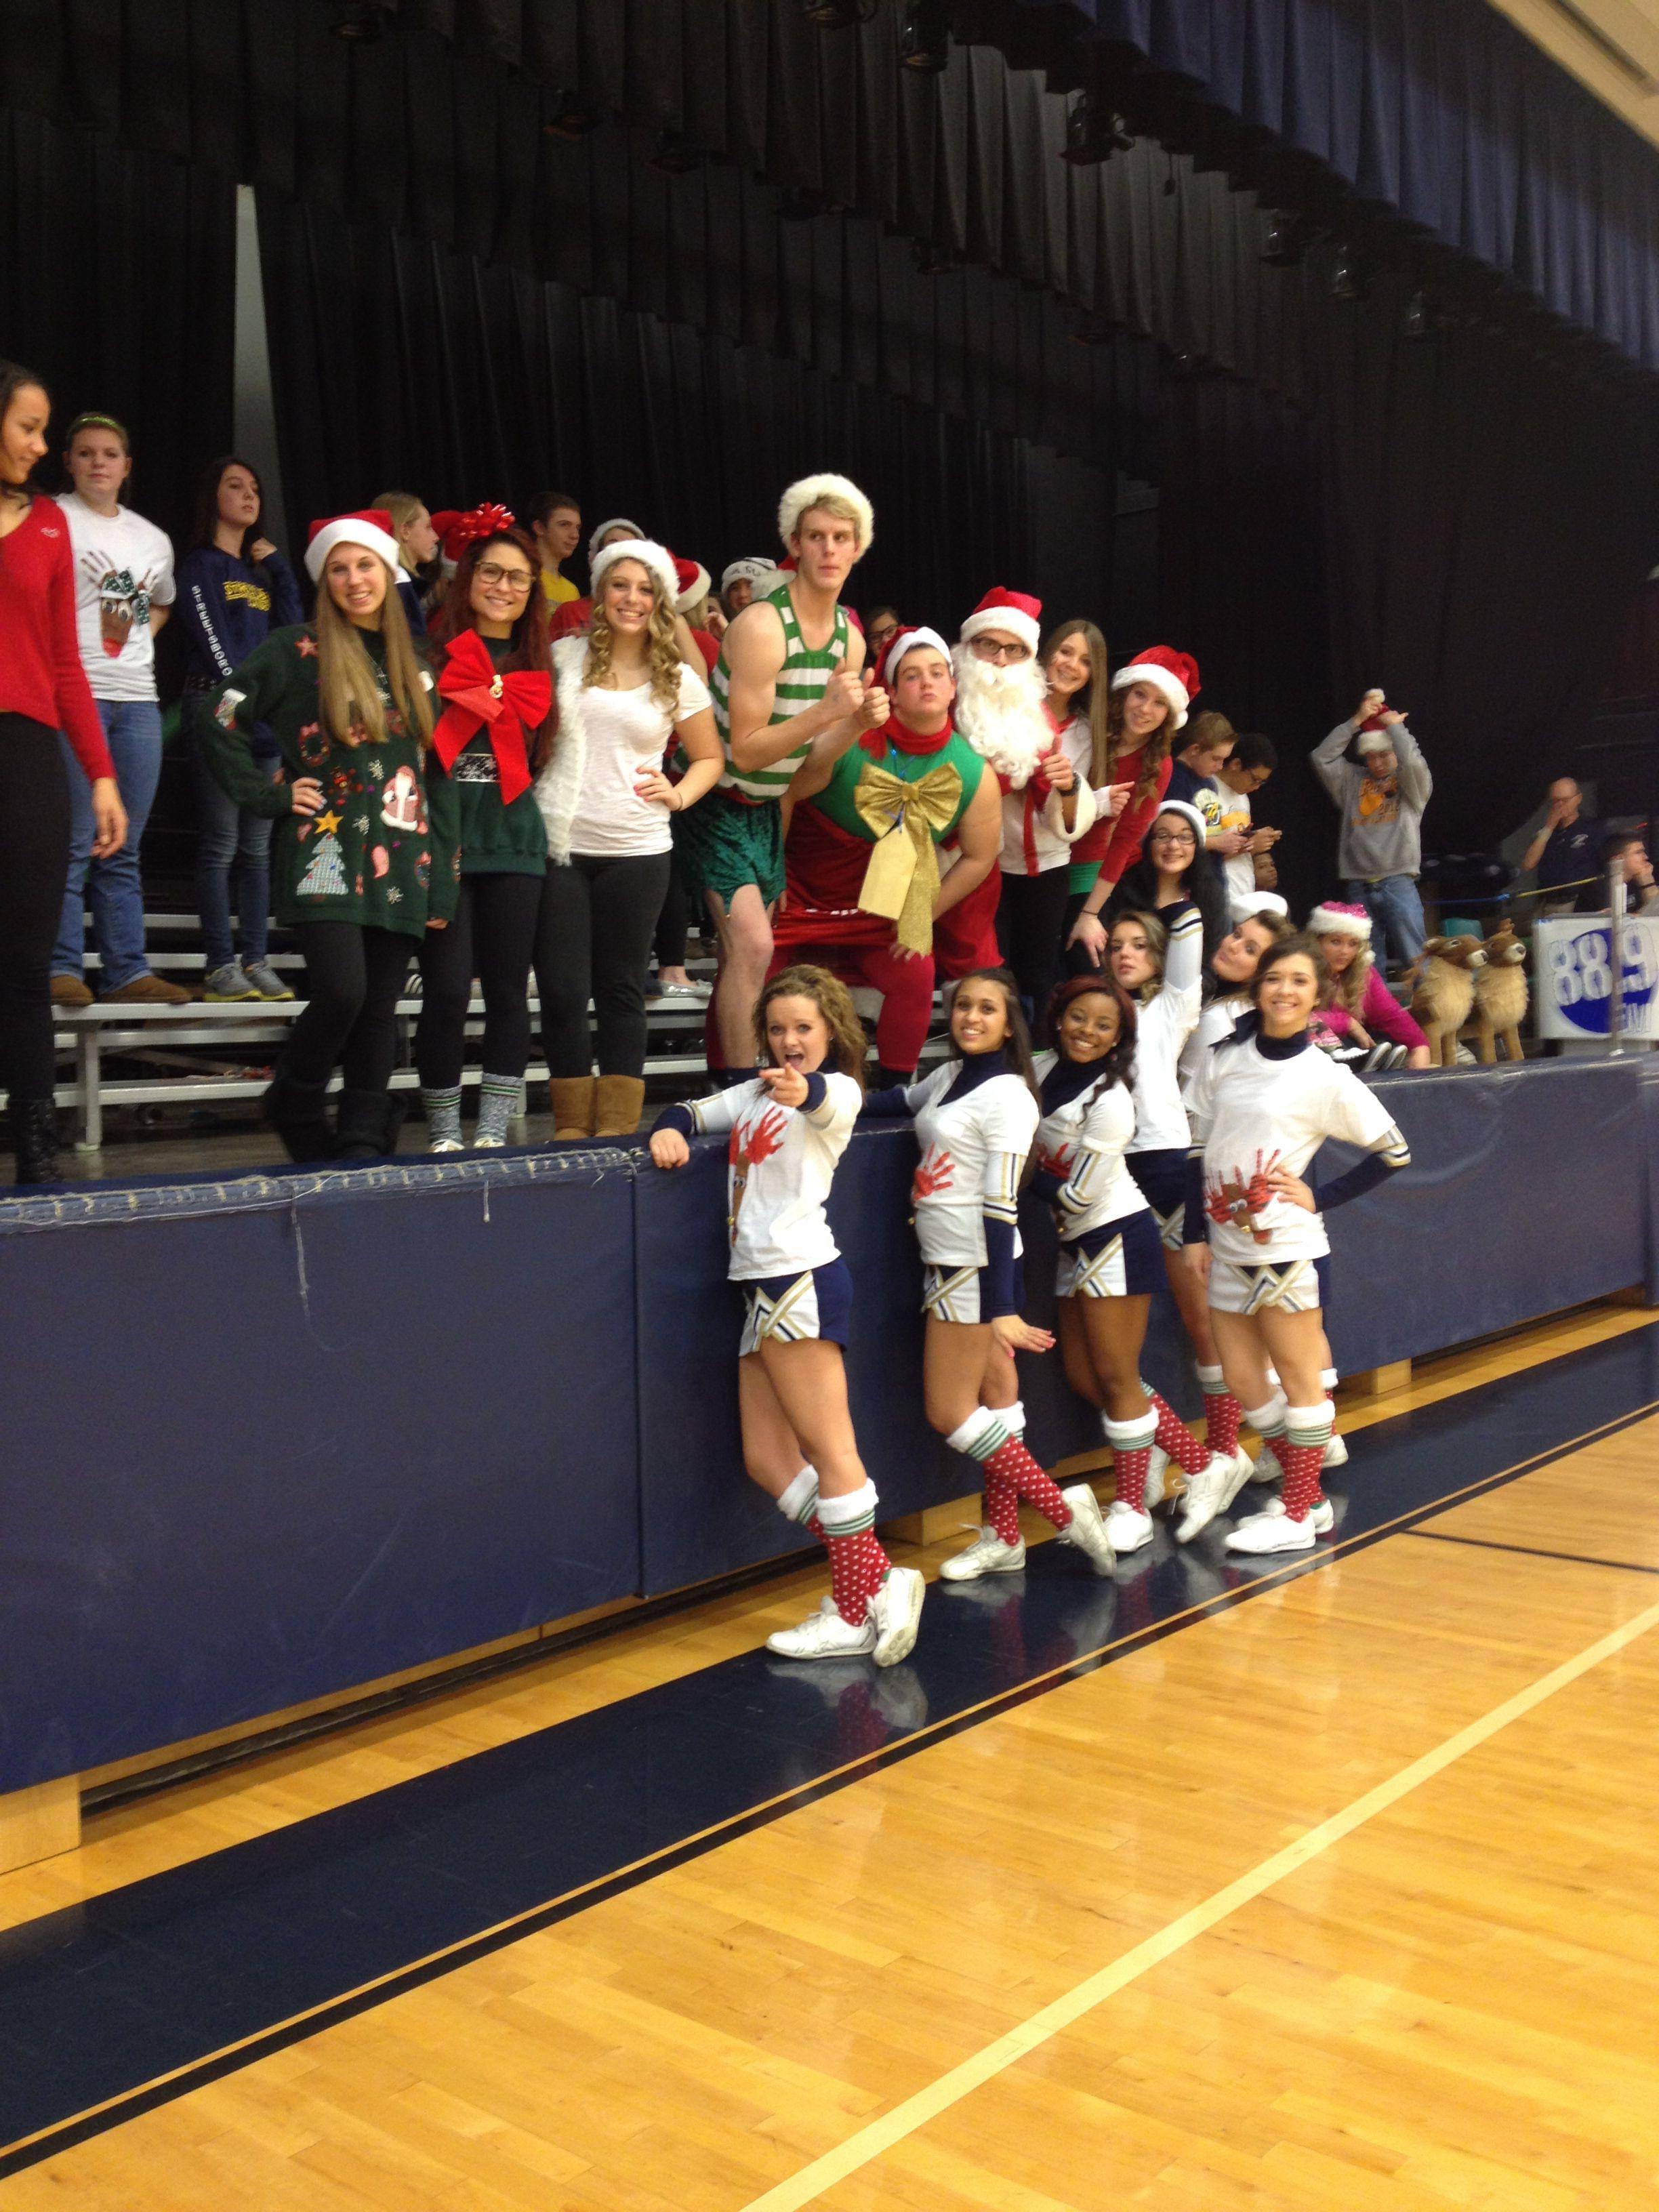 holiday theme school spirit game theme high school basketball game - Football Games On Christmas